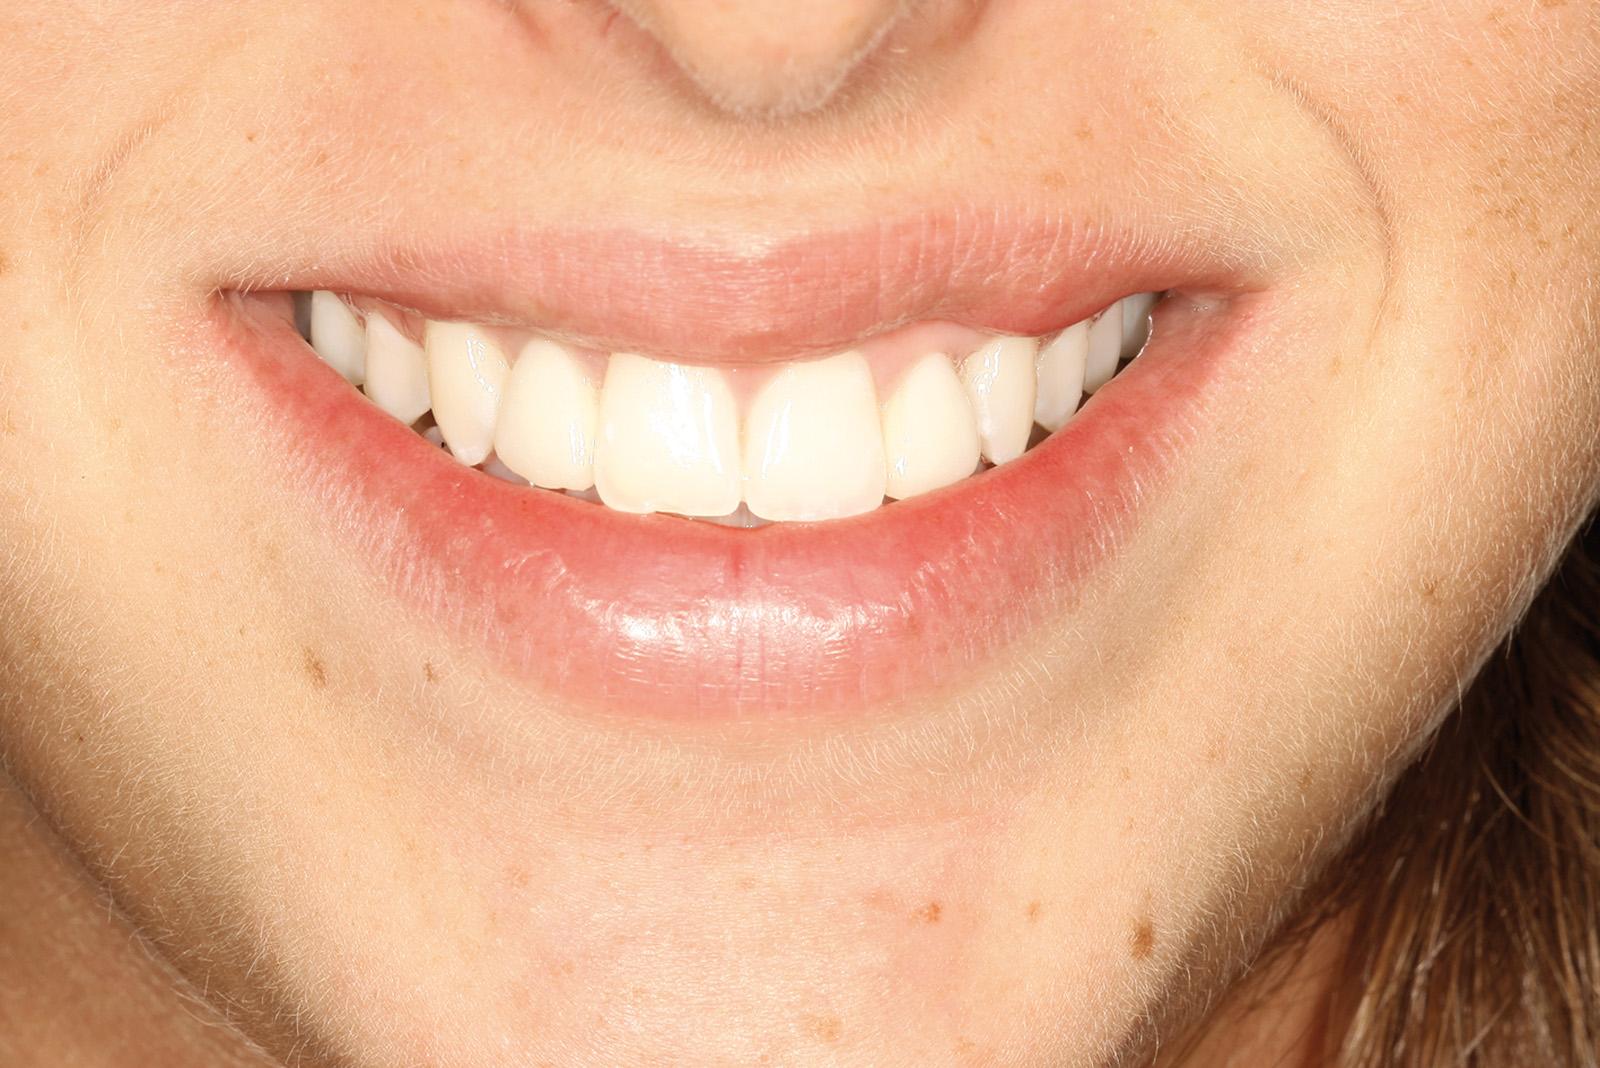 agenesia odontoiatrico diastema faccette